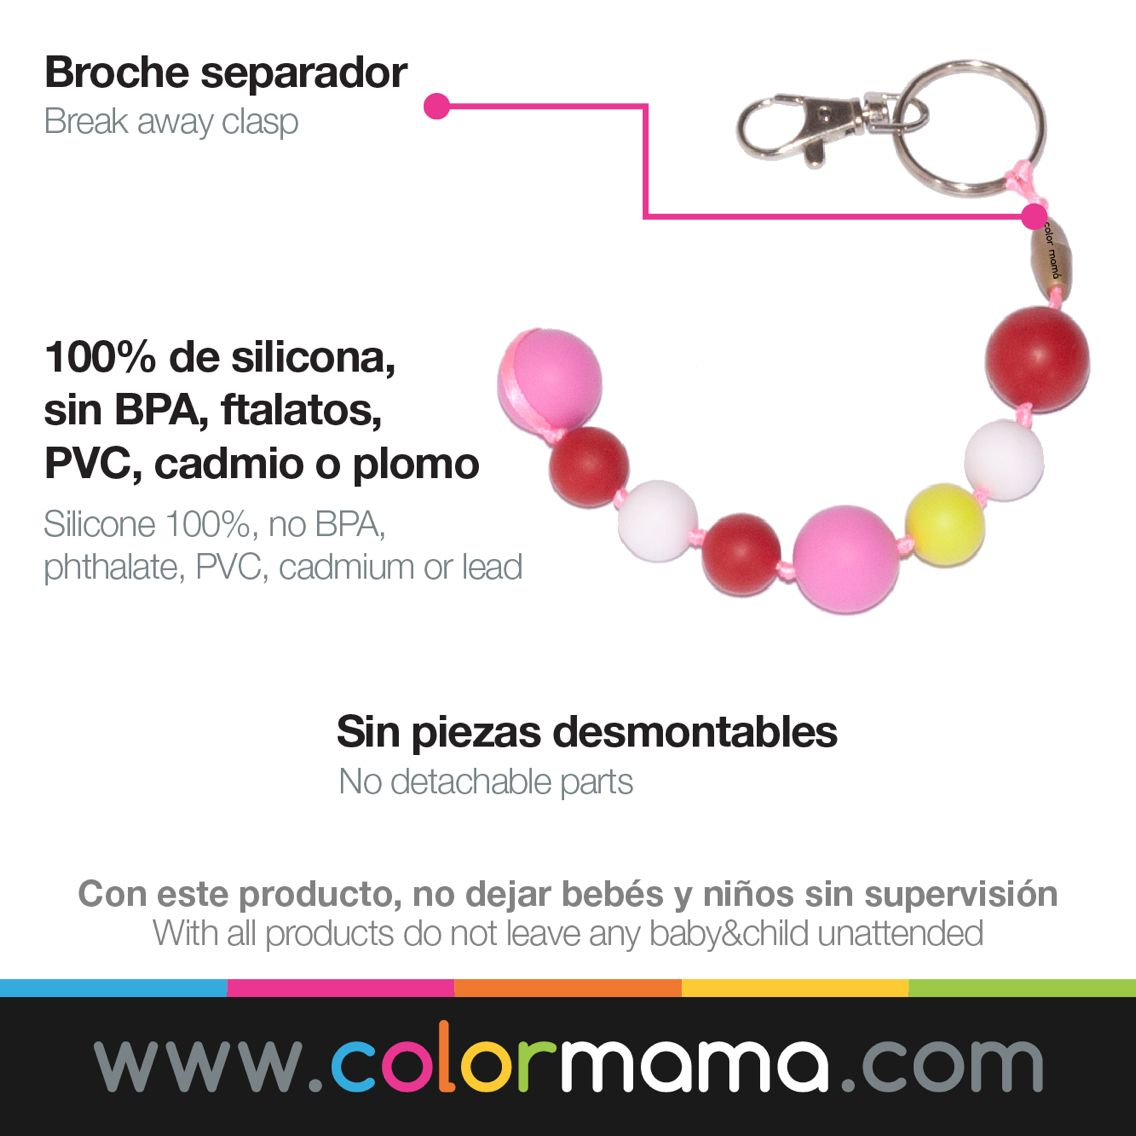 Sabias que todos nuestros accesorios puedes lavarlos con agua y jabón o incluso meterlos en el lavavajillas! Esto y más en www.colormama.com #BEcolor #BEcolormama #llavero #lavable